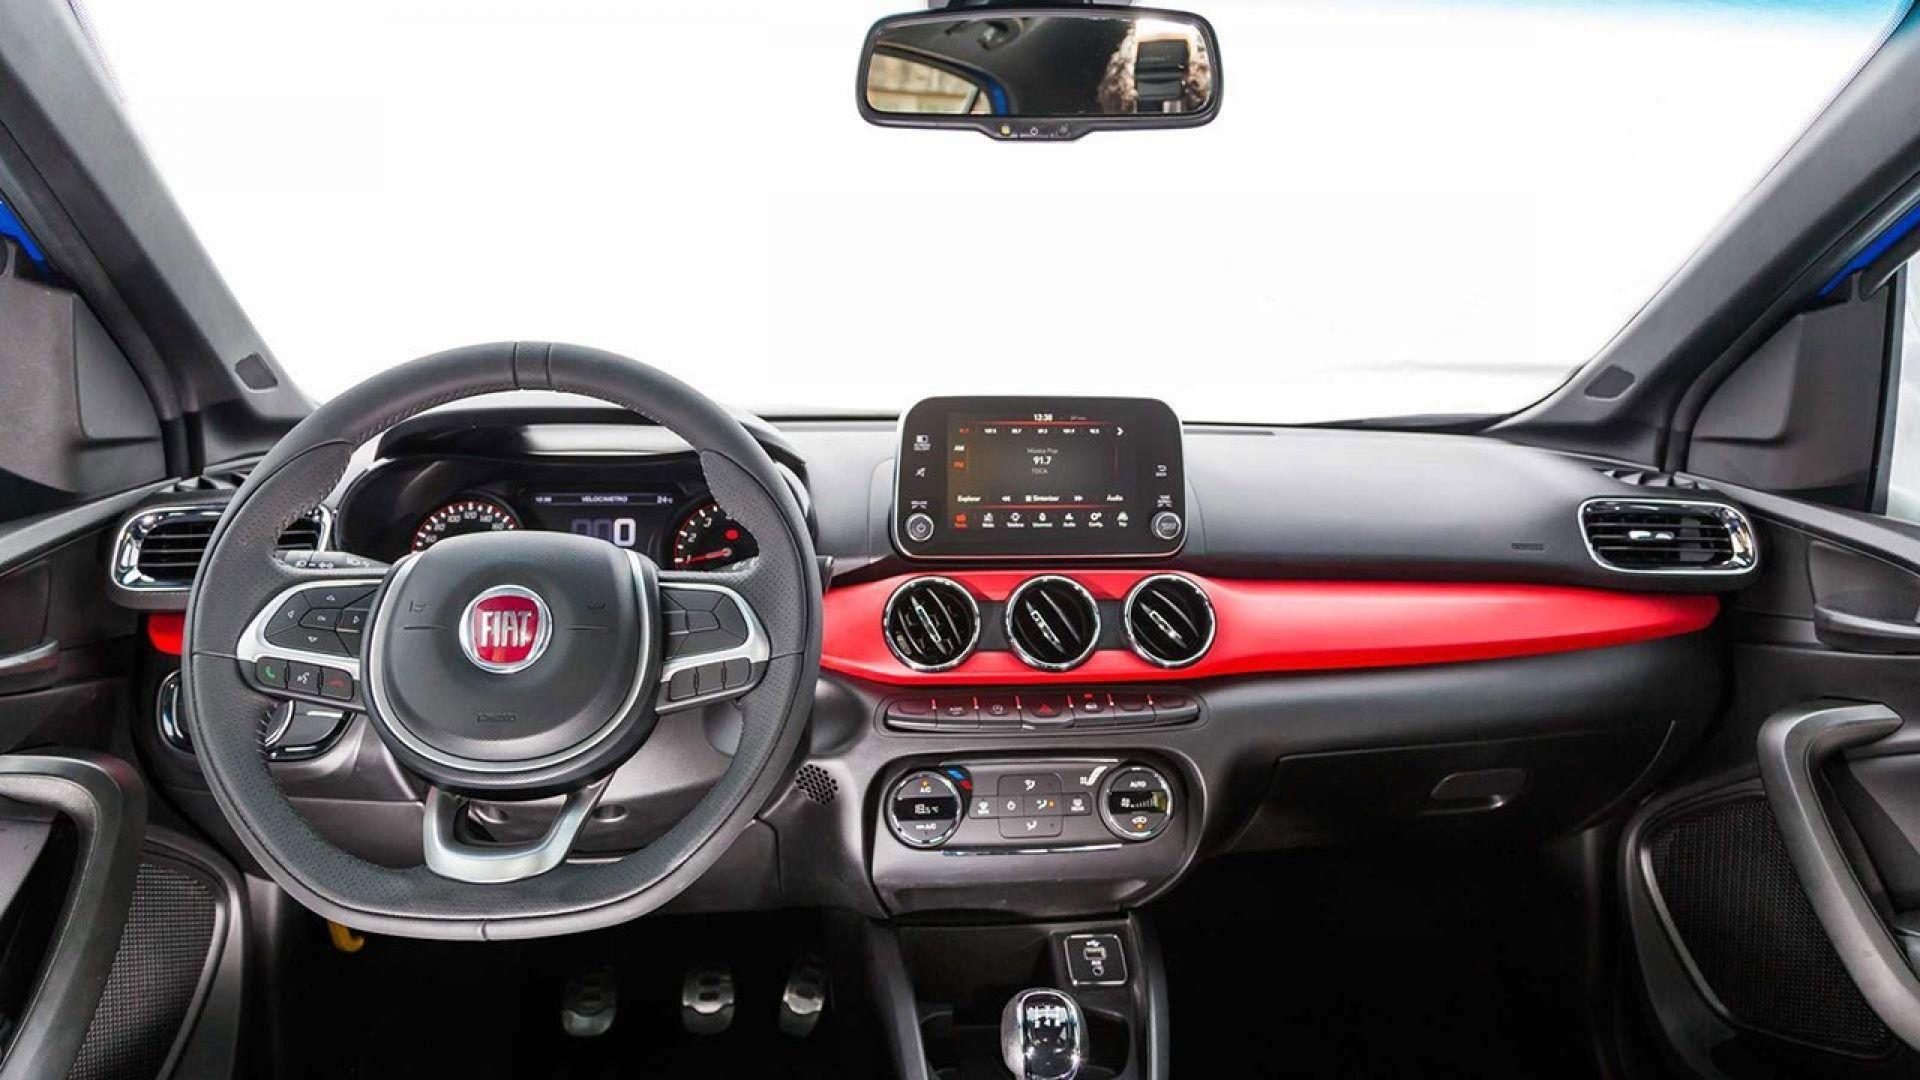 X Lg on Fiat 500 Sport